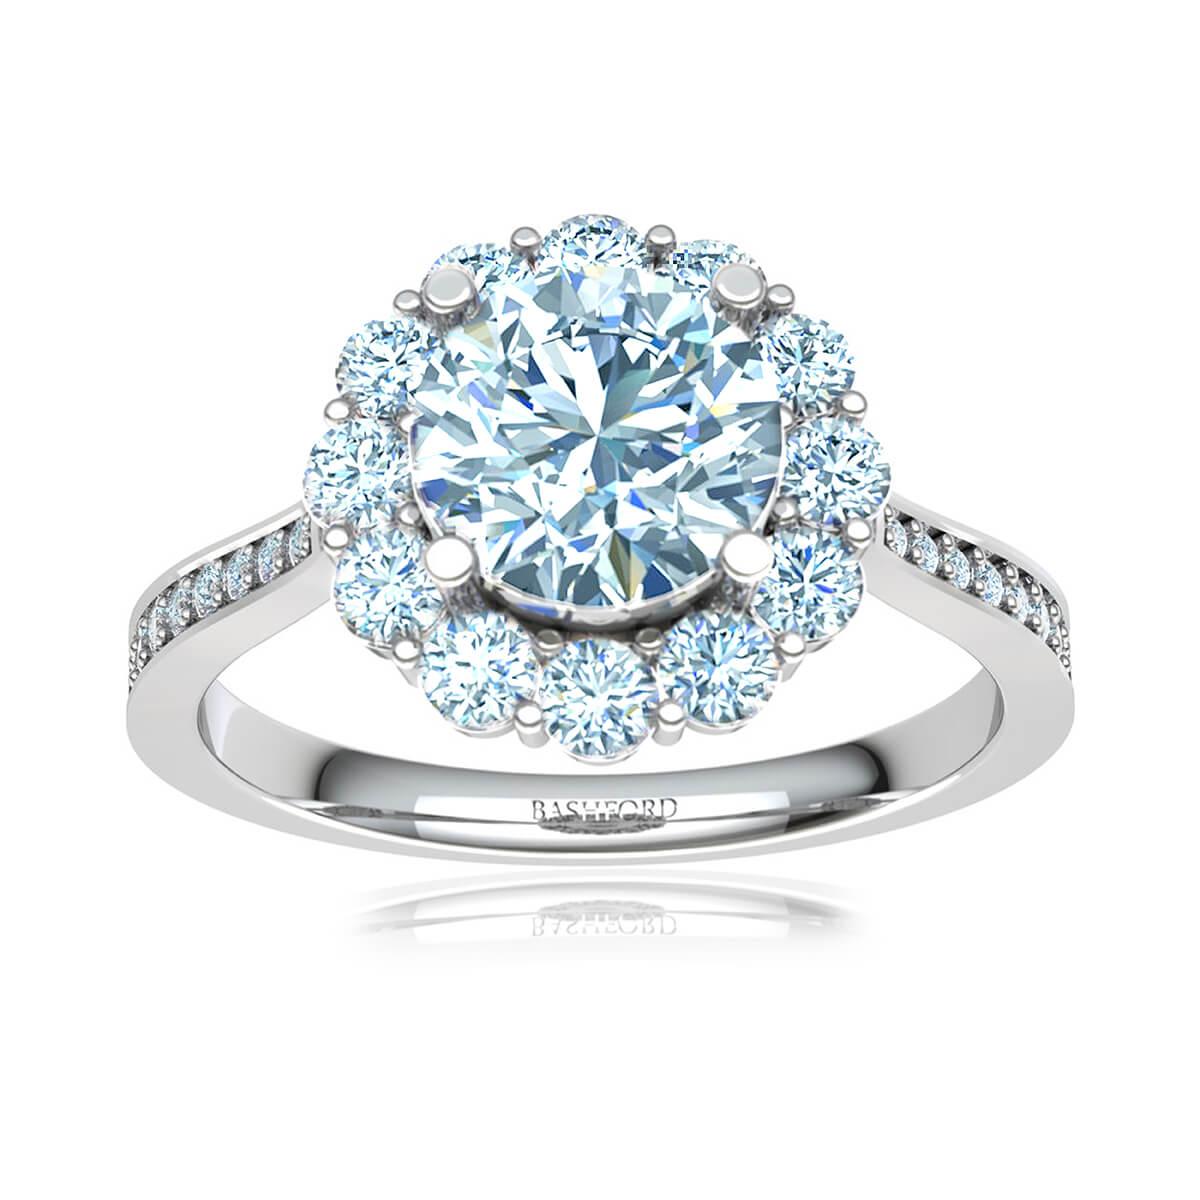 Fleur Blossom Diamond Ring